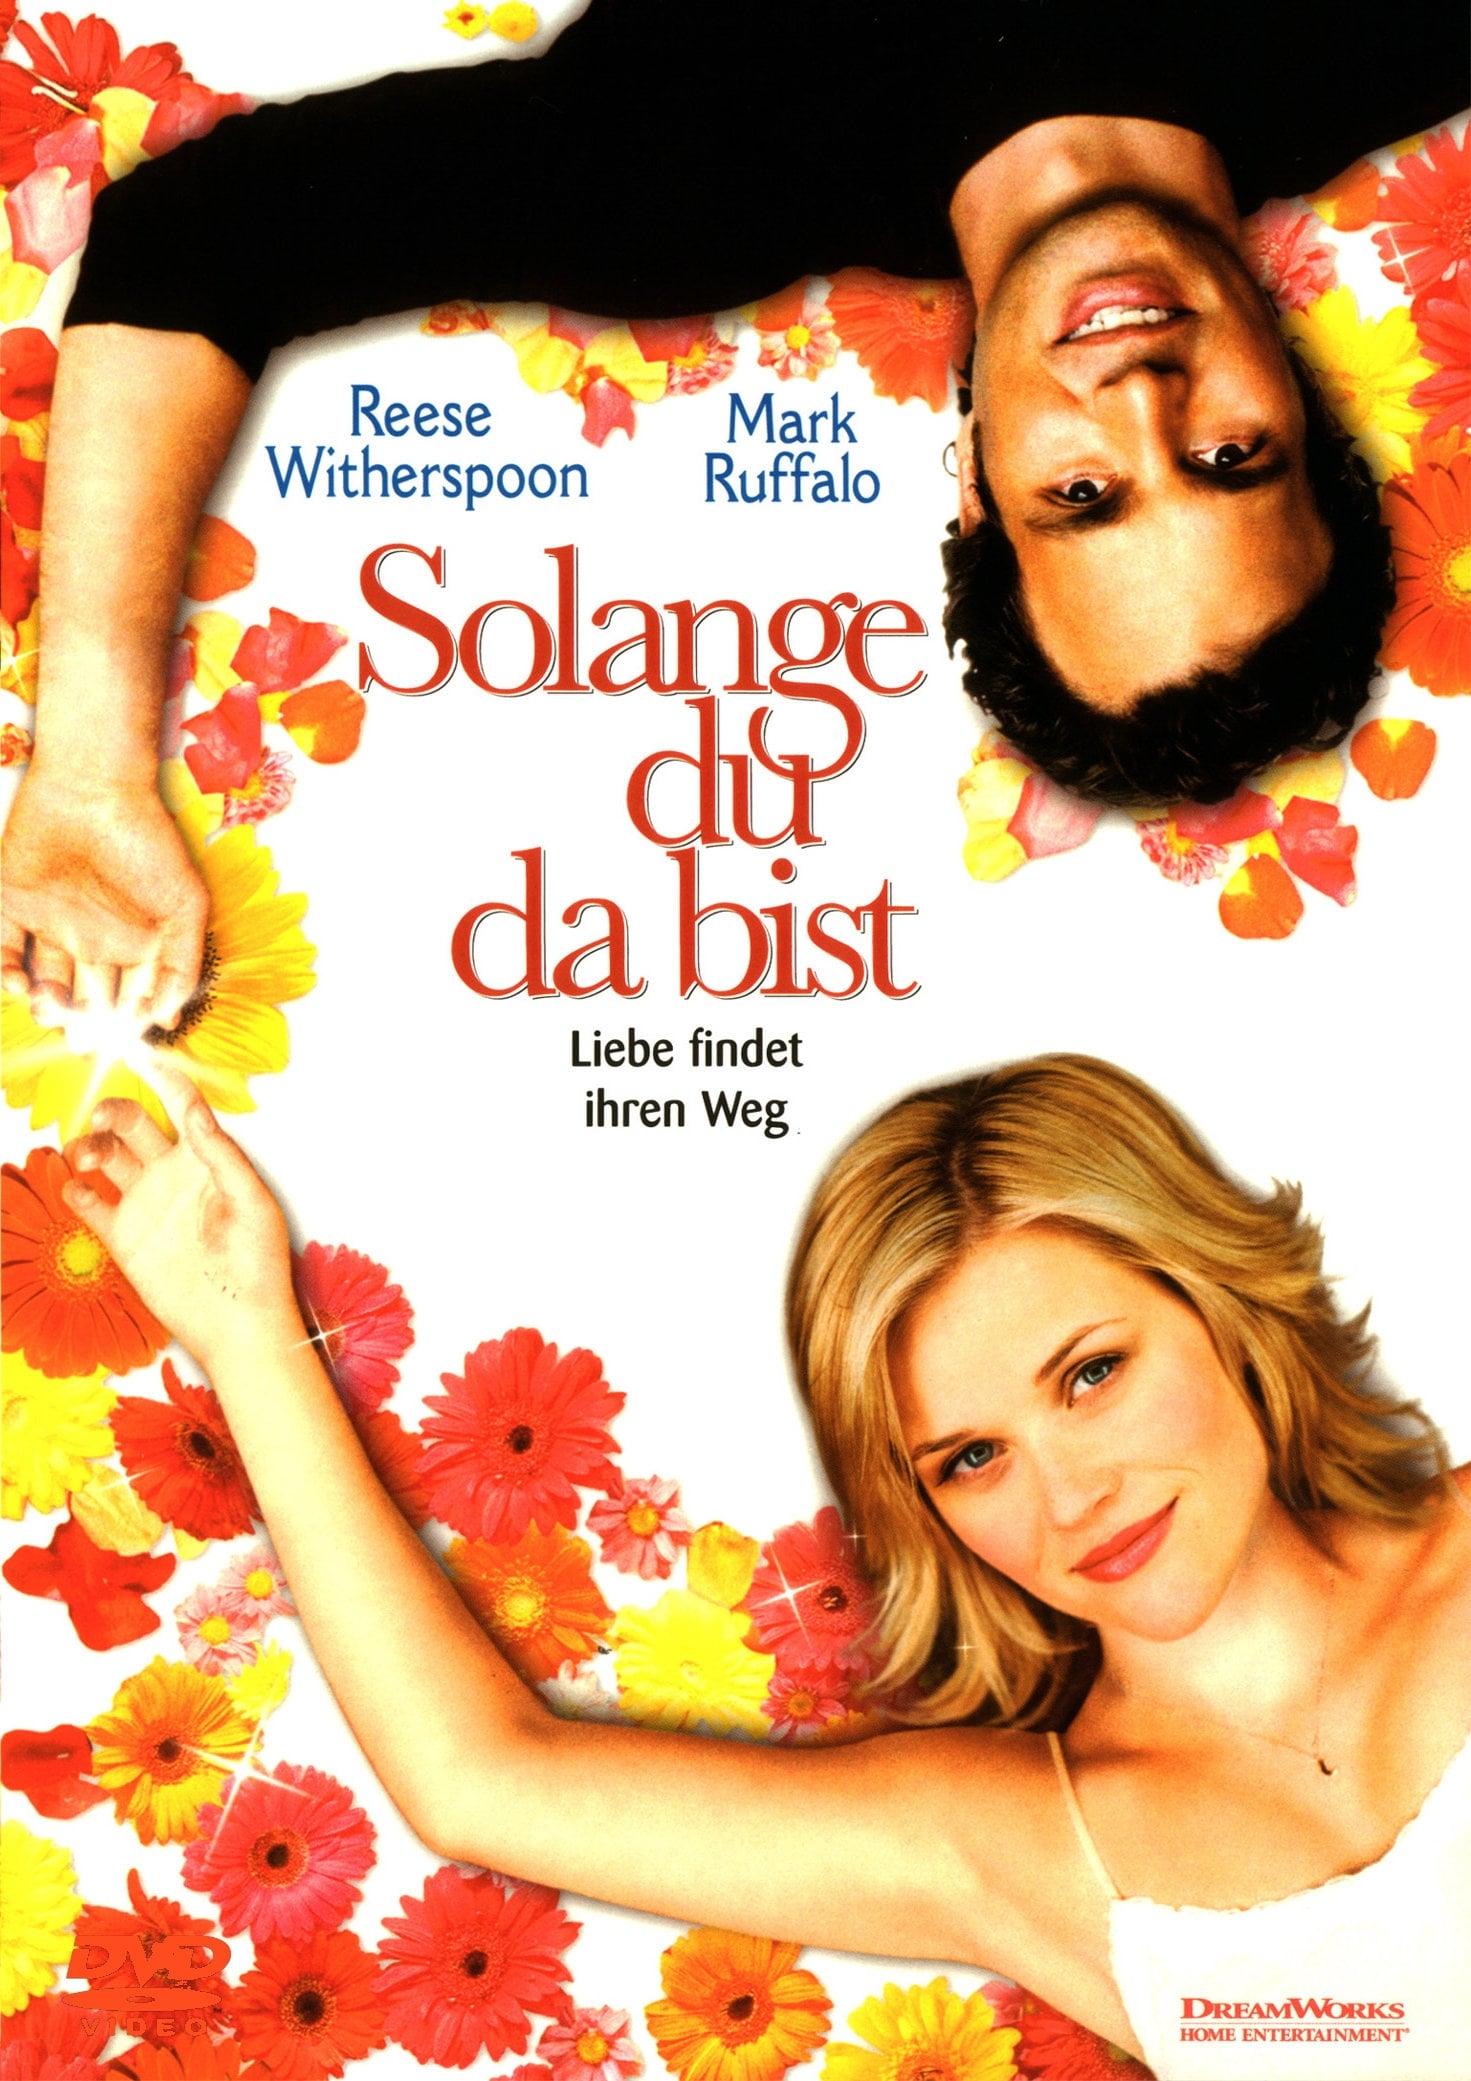 Solange du da bist (2005) Ganzer Film Deutsch